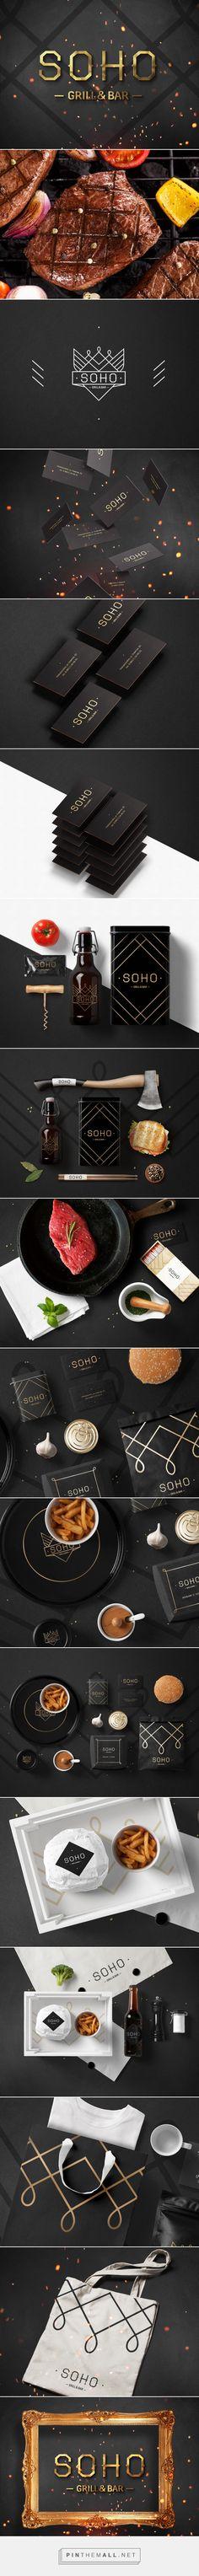 Фирменный стиль для гриль-бара Сохо on Behance   Fivestar Branding – Design and Branding Agency & Inspiration Gallery